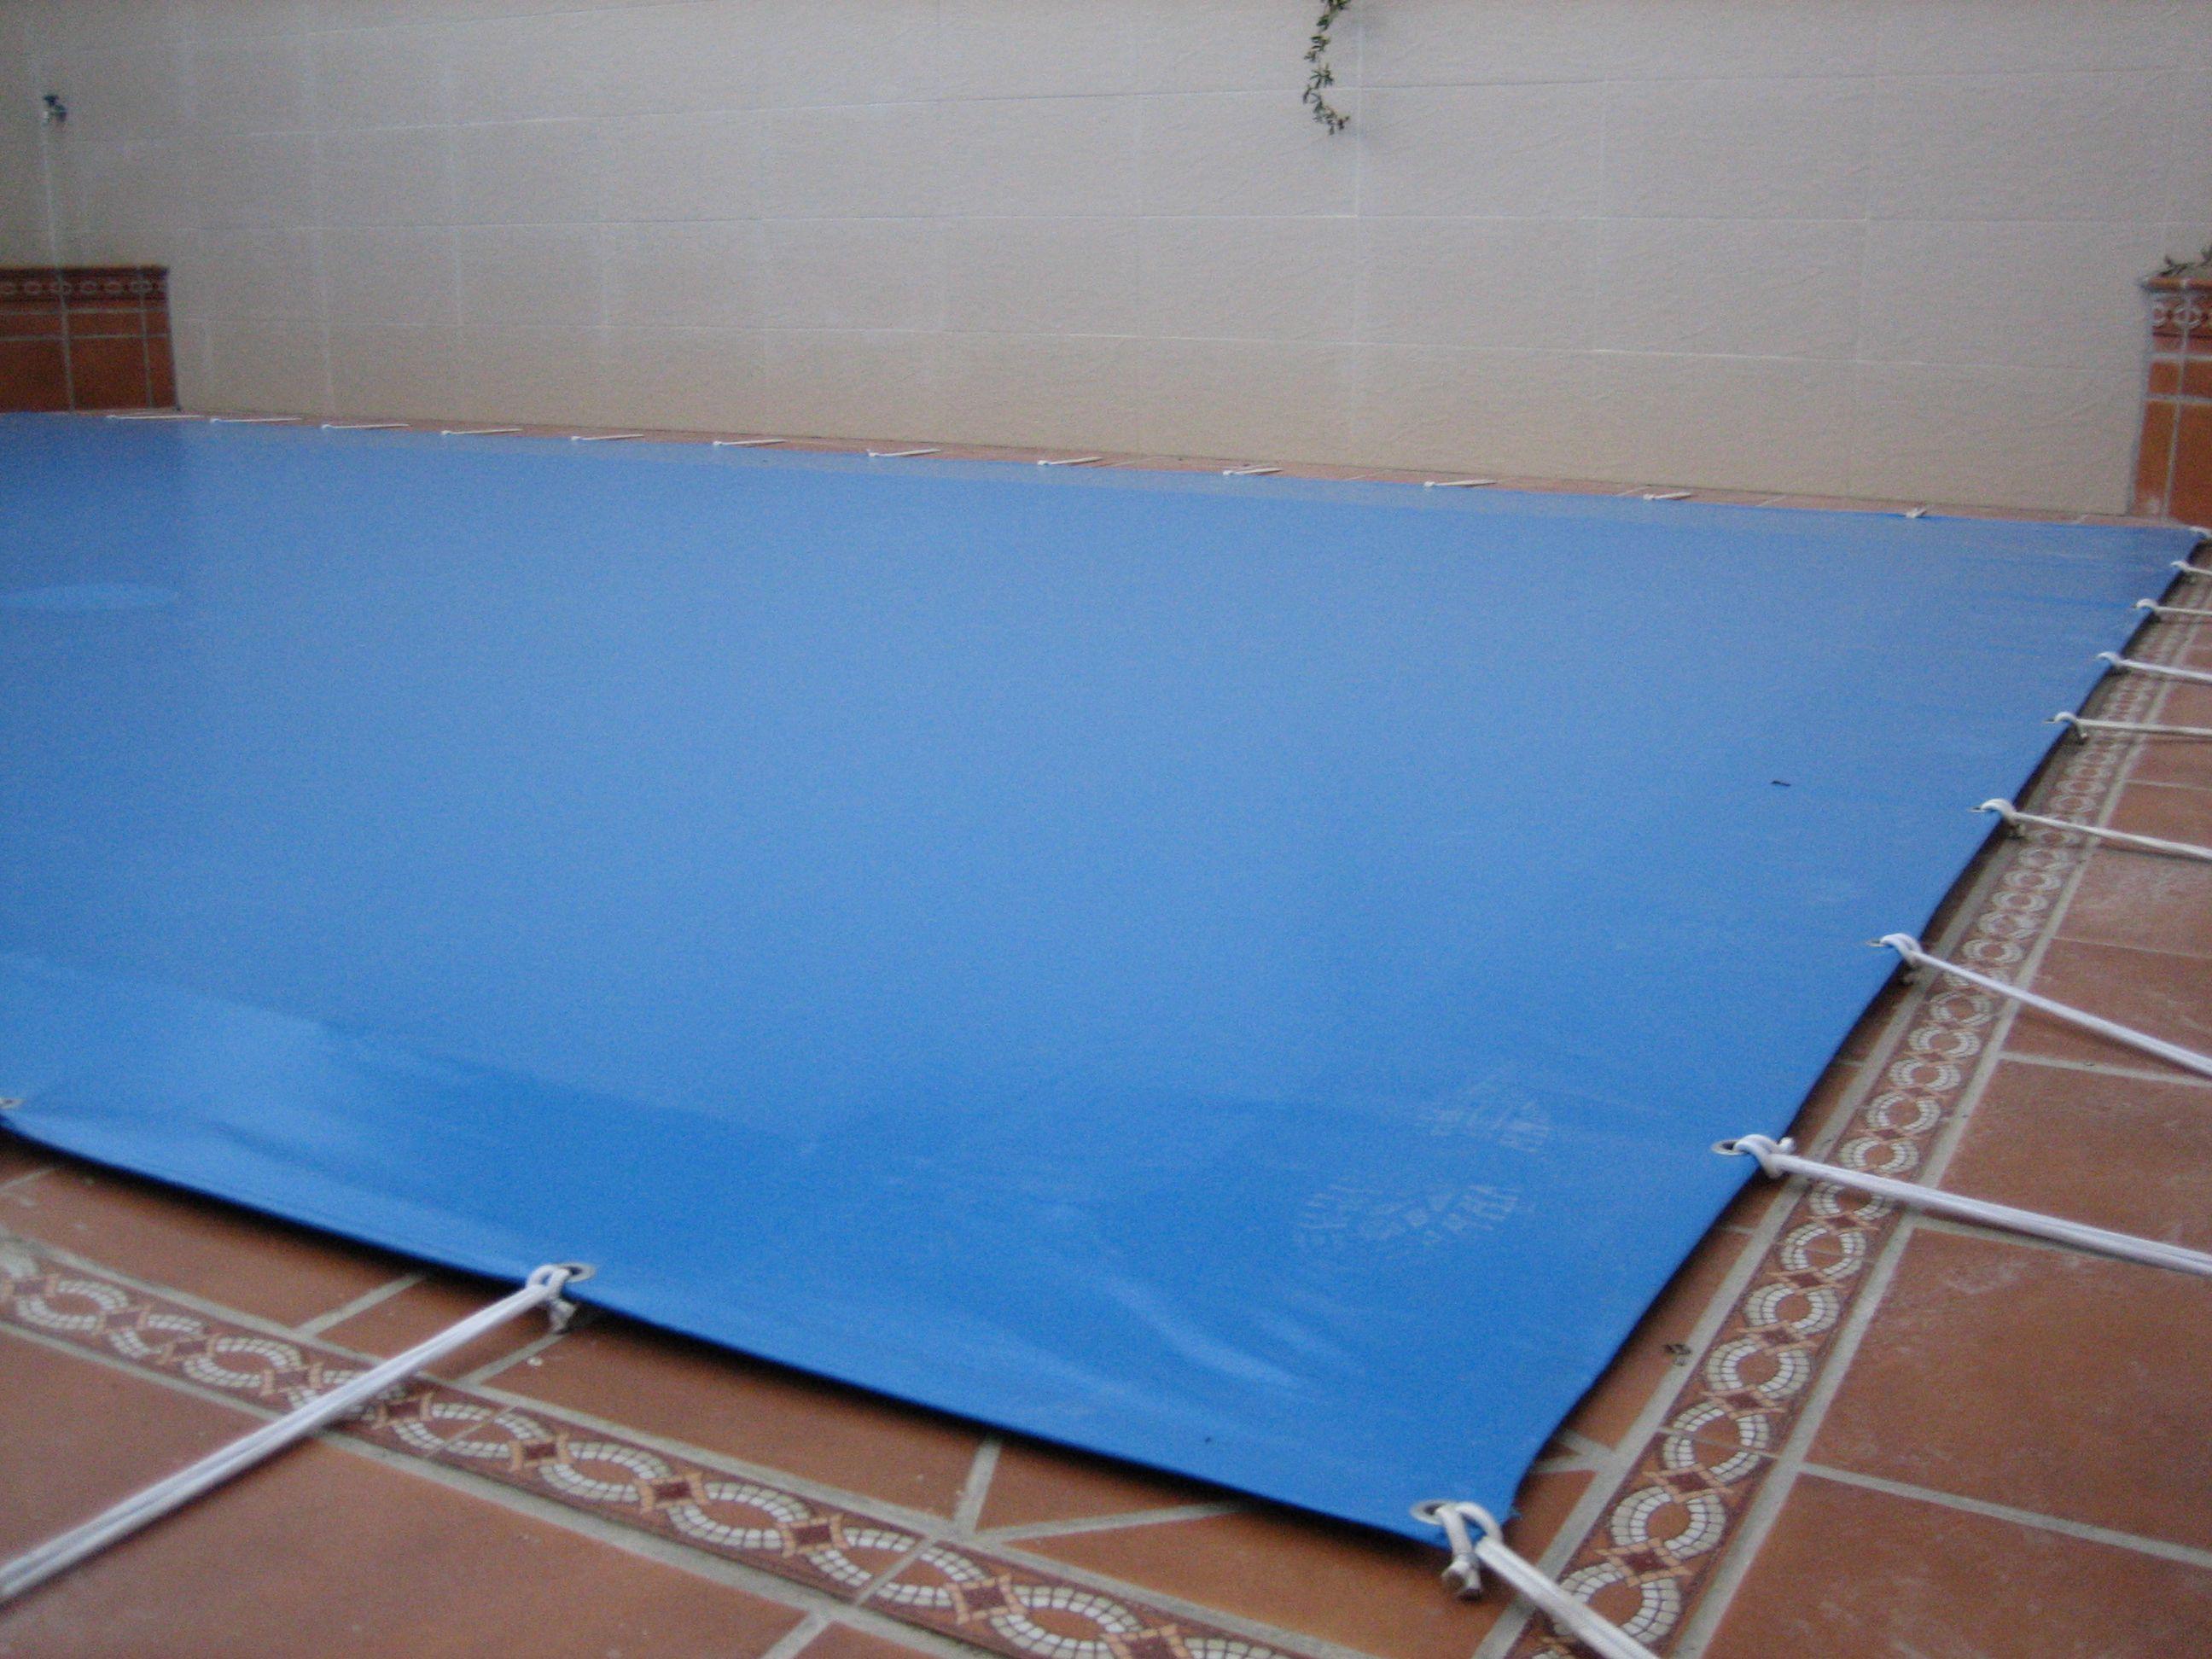 Instalación de protectores para piscinas